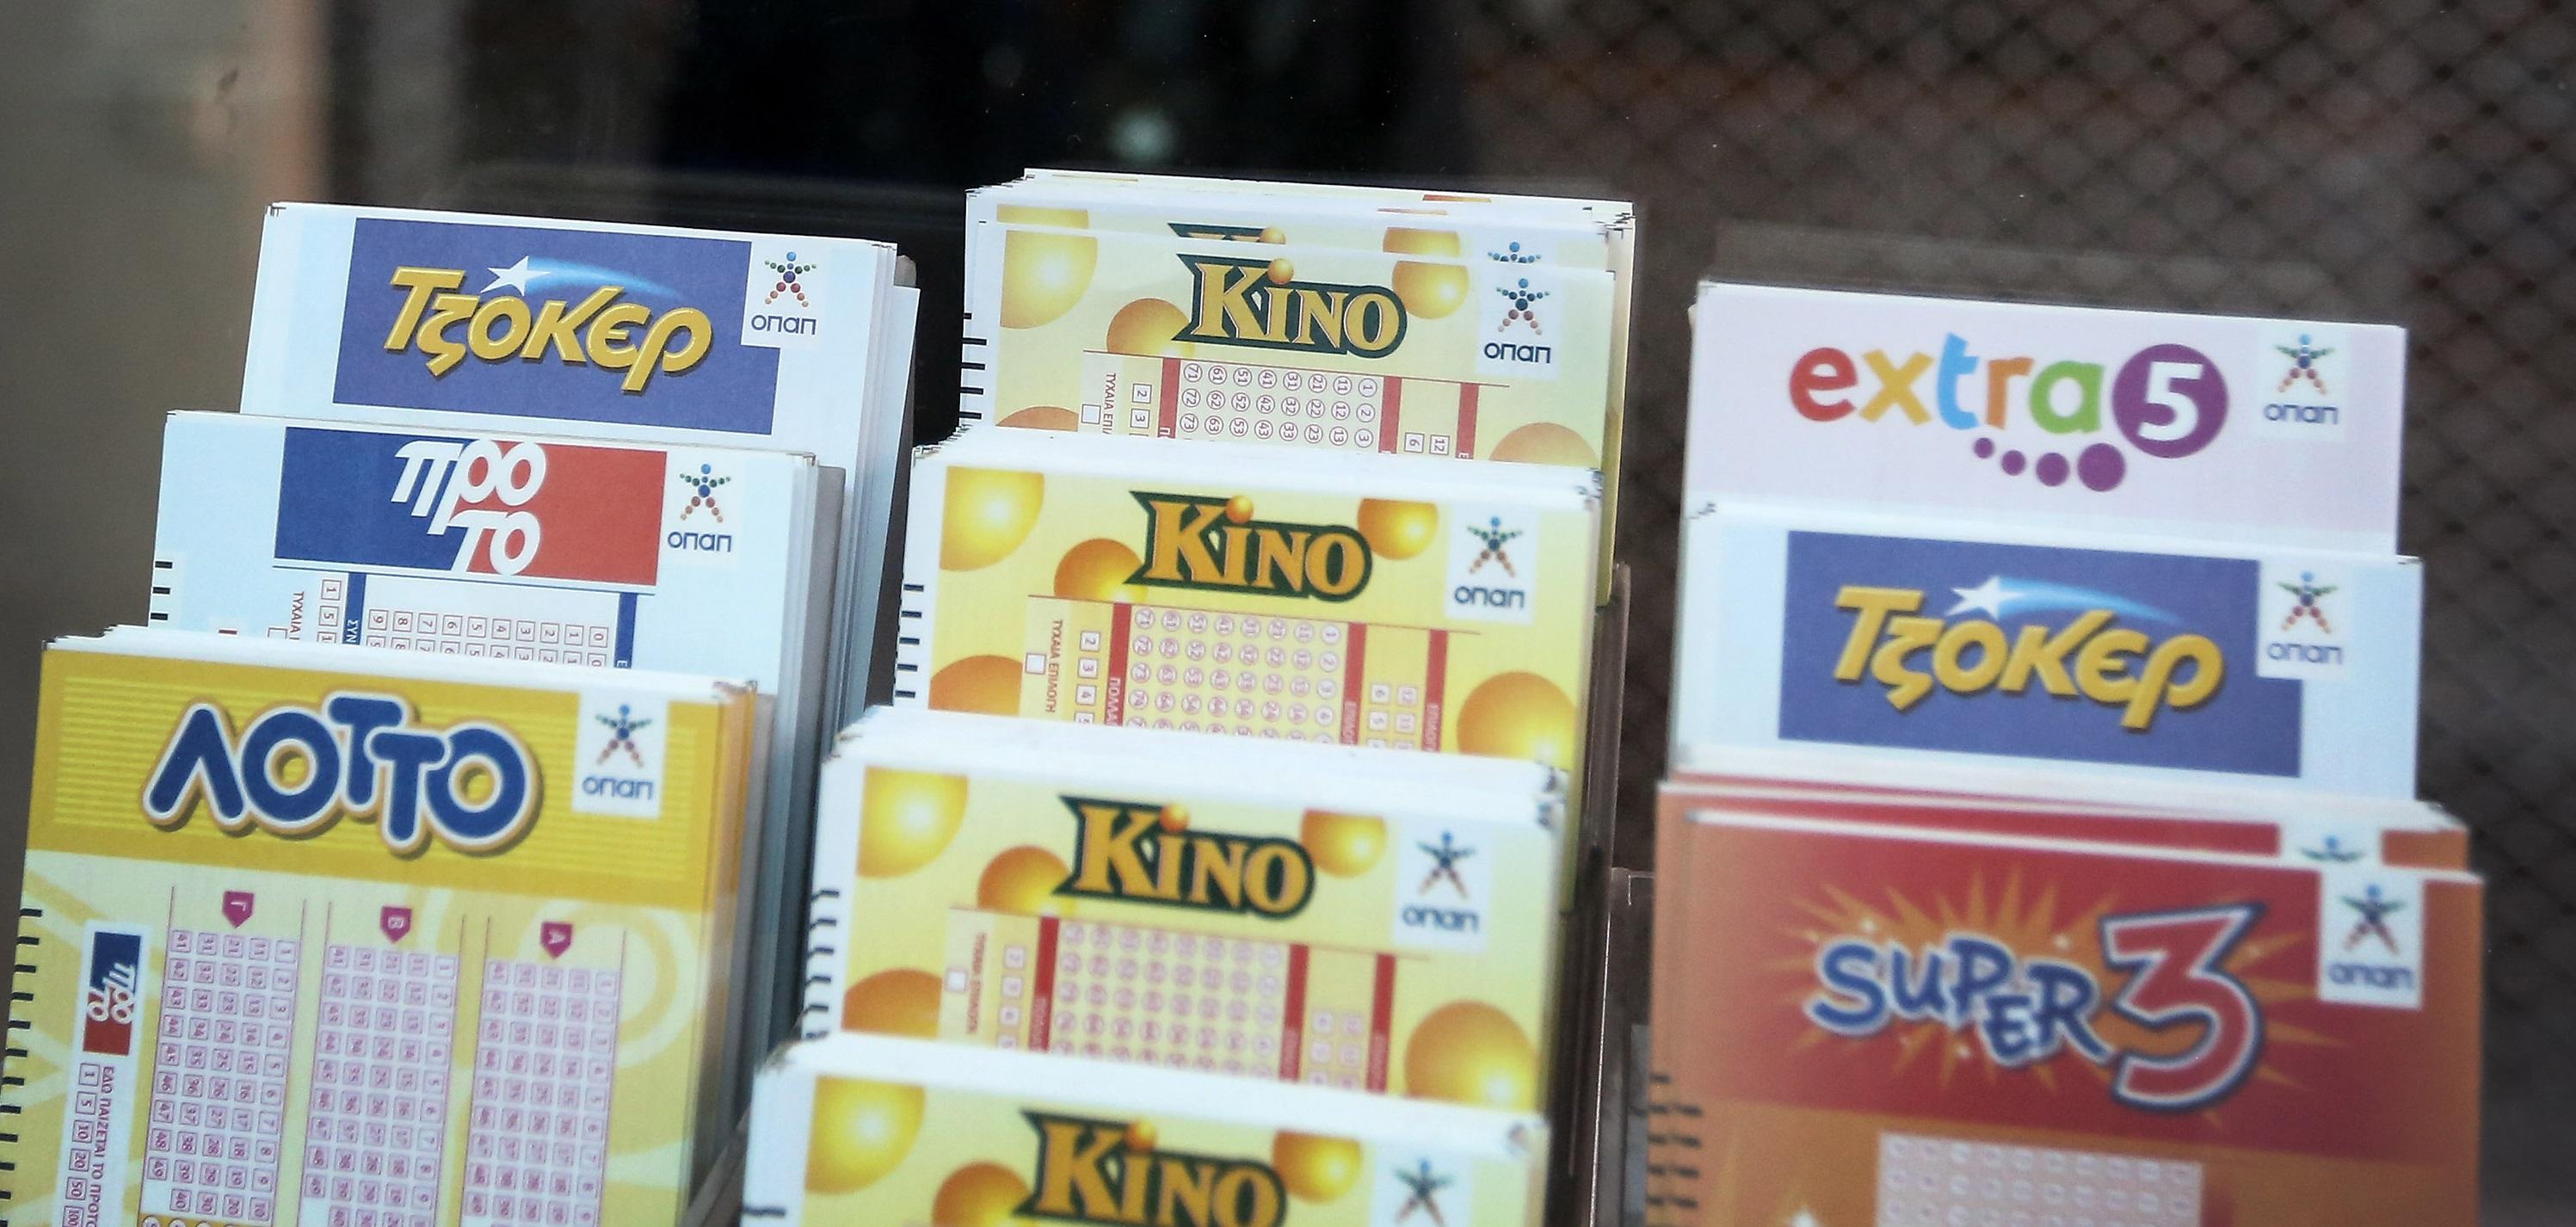 Χανιά: Έπαιξε 10 ευρώ στο ΚΙΝΟ και κέρδισε 22.503! Ραντεβού με την τύχη